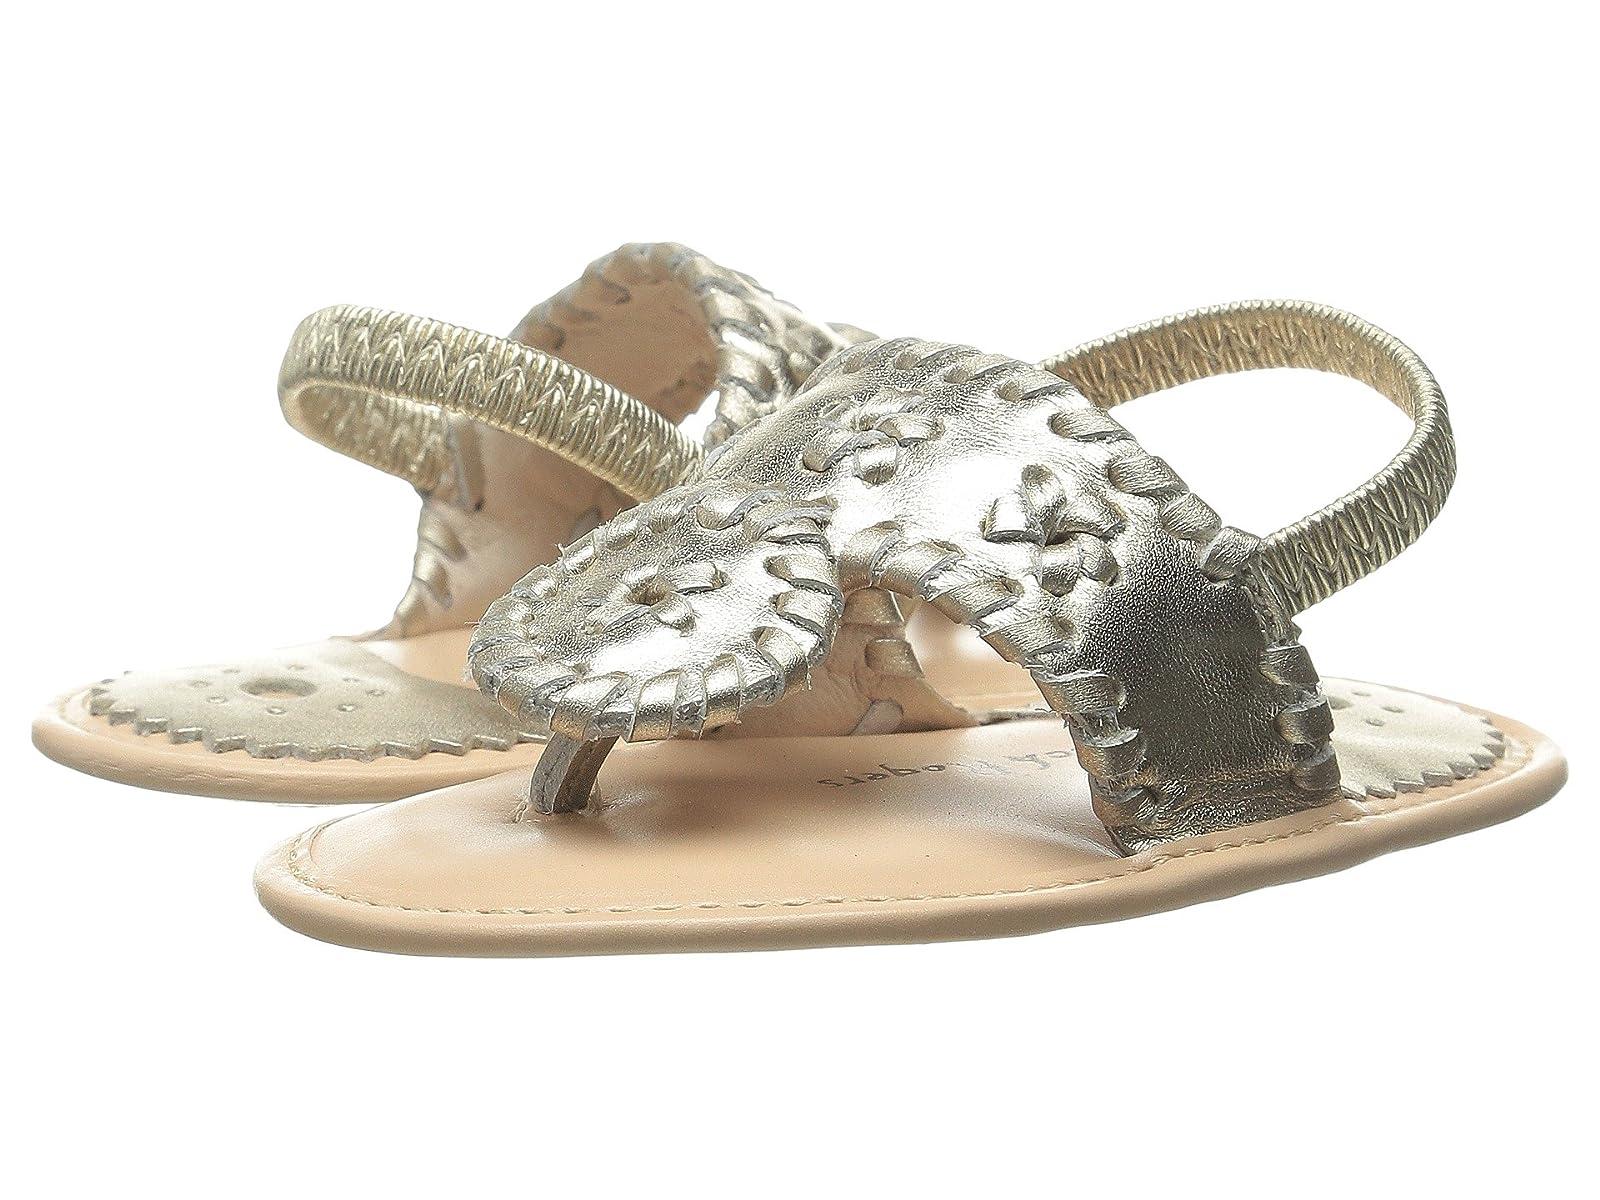 Jack Rogers Baby Jacks (Infant)Atmospheric grades have affordable shoes